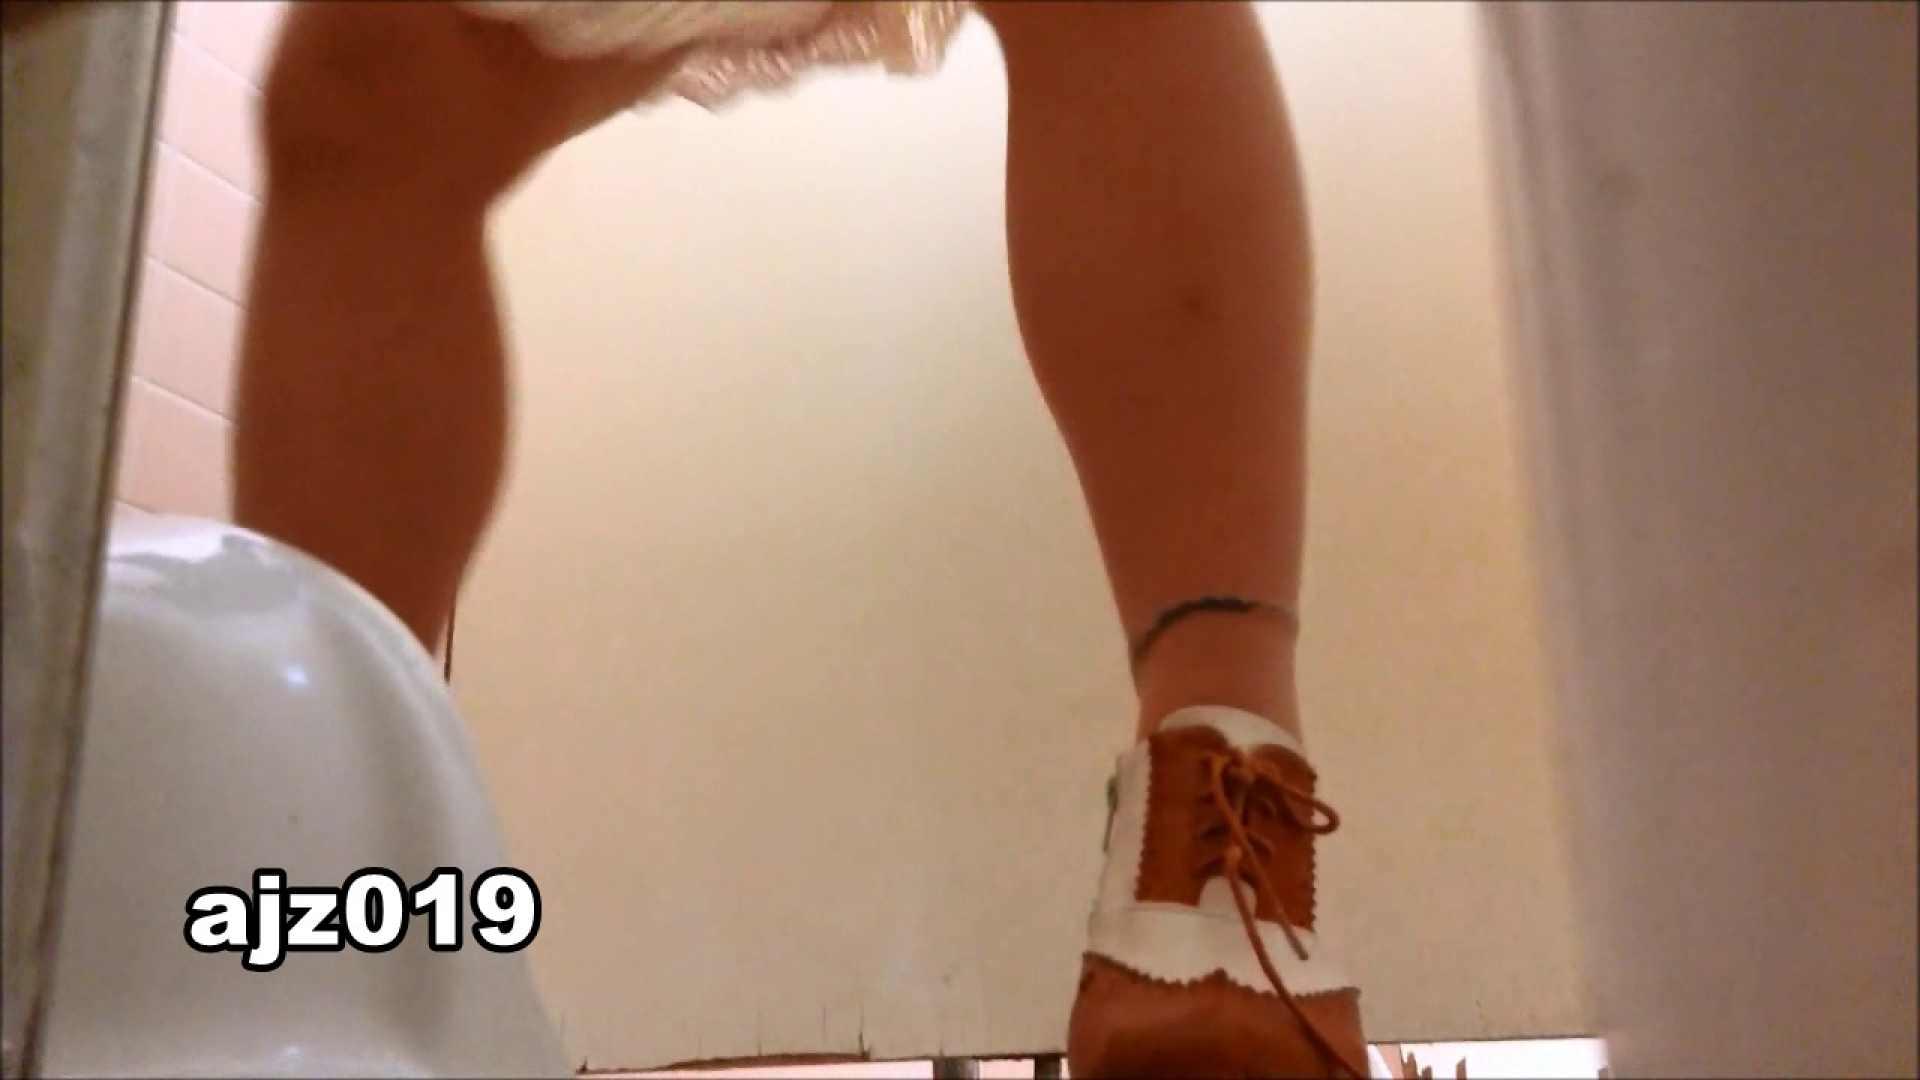 某有名大学女性洗面所 vol.19 いやらしいOL スケベ動画紹介 64連発 20